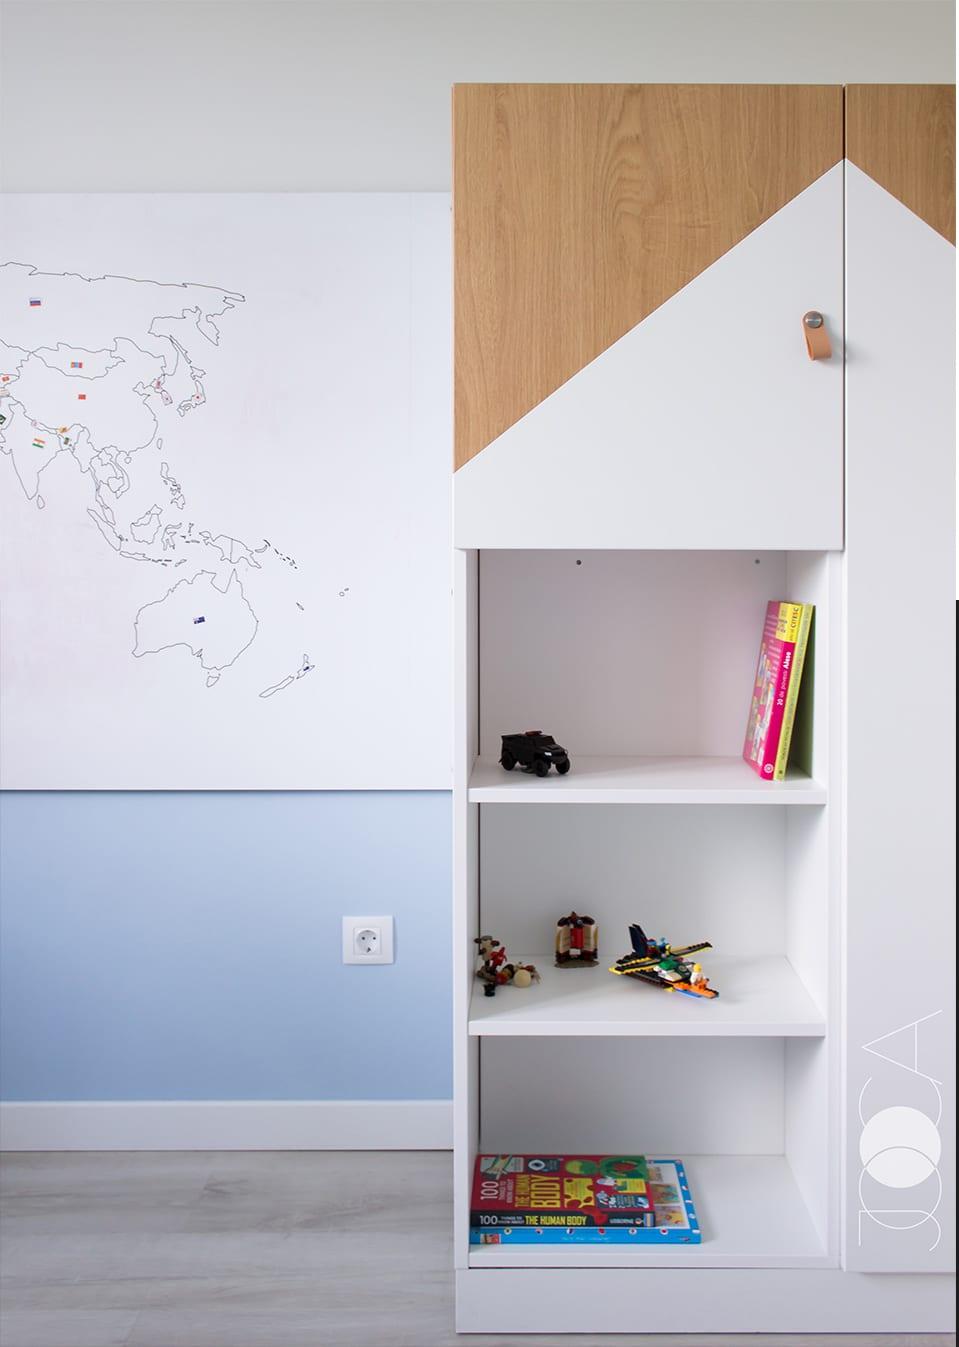 Corpul de depozitare din camera baiatului este realizat pe comanda, sub forma unei casute. Langa, se afla harta lumii, printata pe un panou de tipul whiteboard.